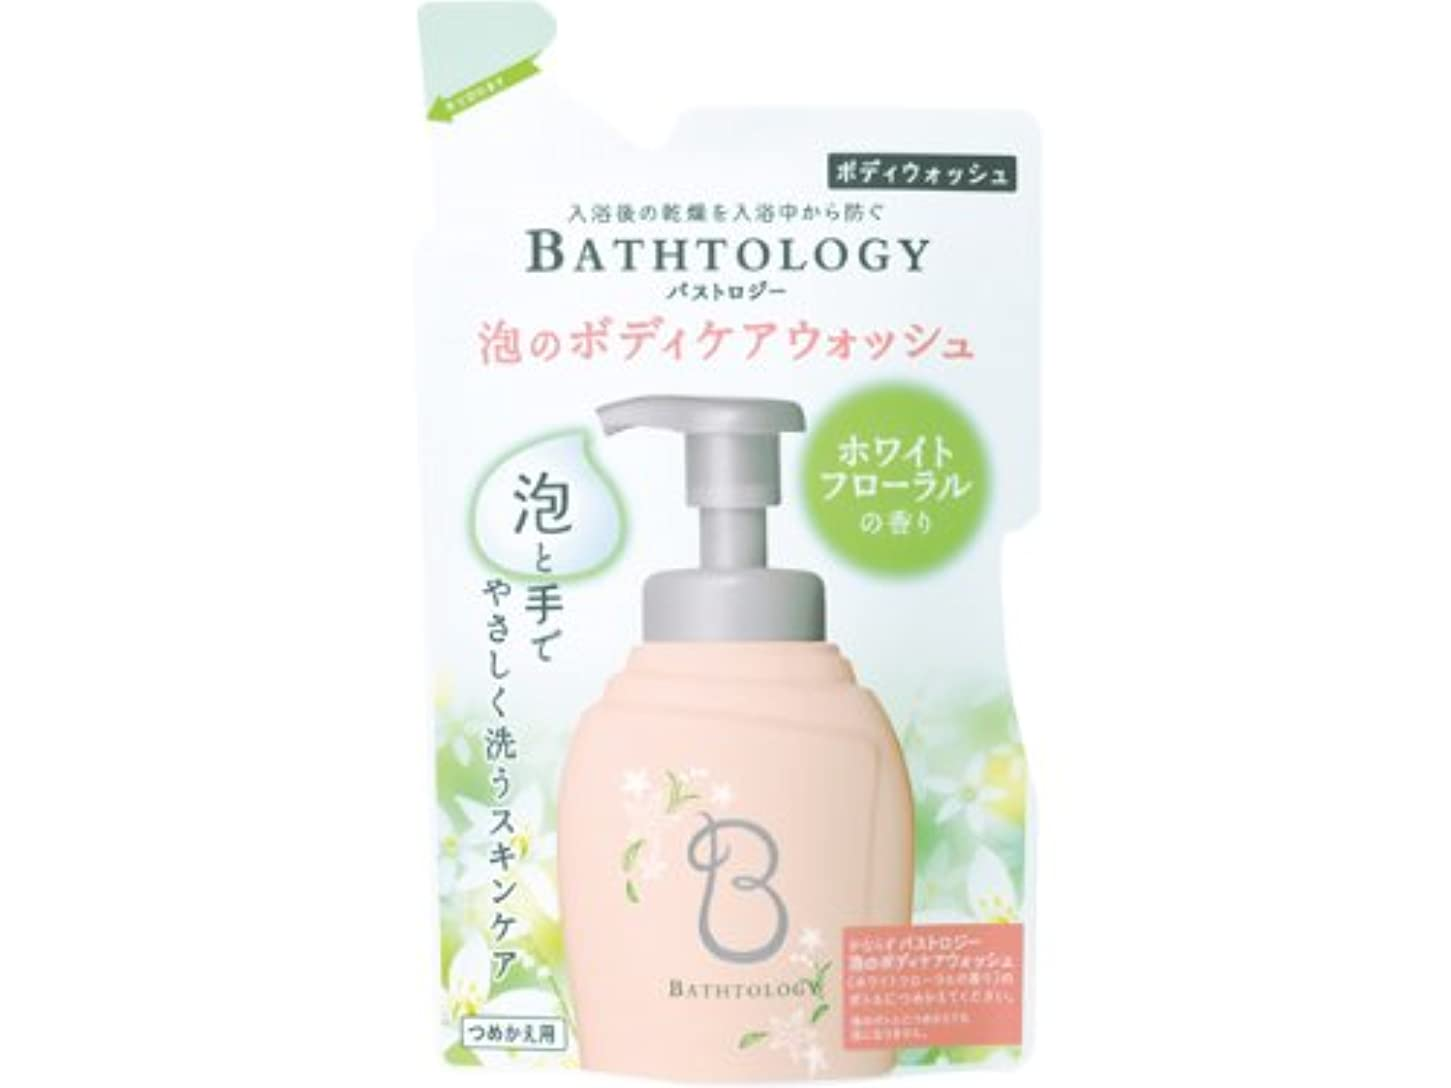 計り知れない工業化するホストBATHTOLOGY 泡のボディケアウォッシュ ホワイトフローラルの香り つめかえ用 400ml